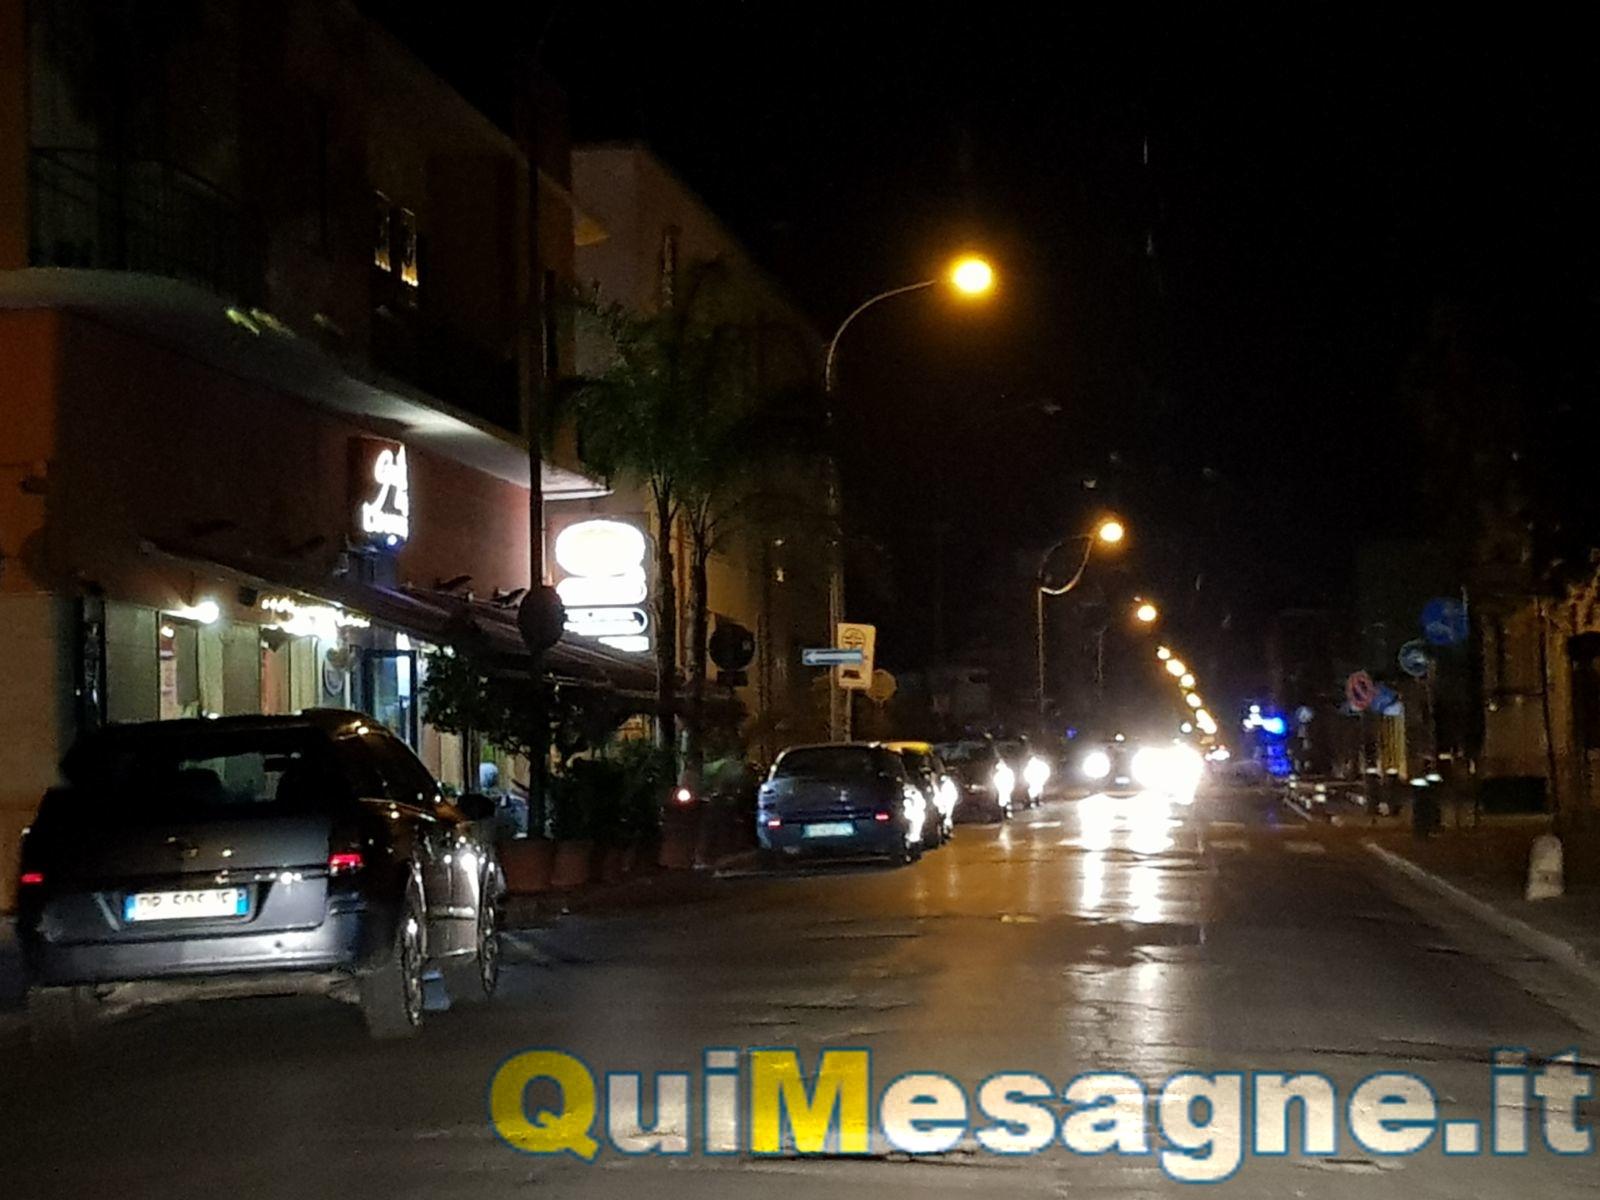 UFFICIO RECLAMI – Di notte Via Marconi parzialmente al buio. Intervenite!